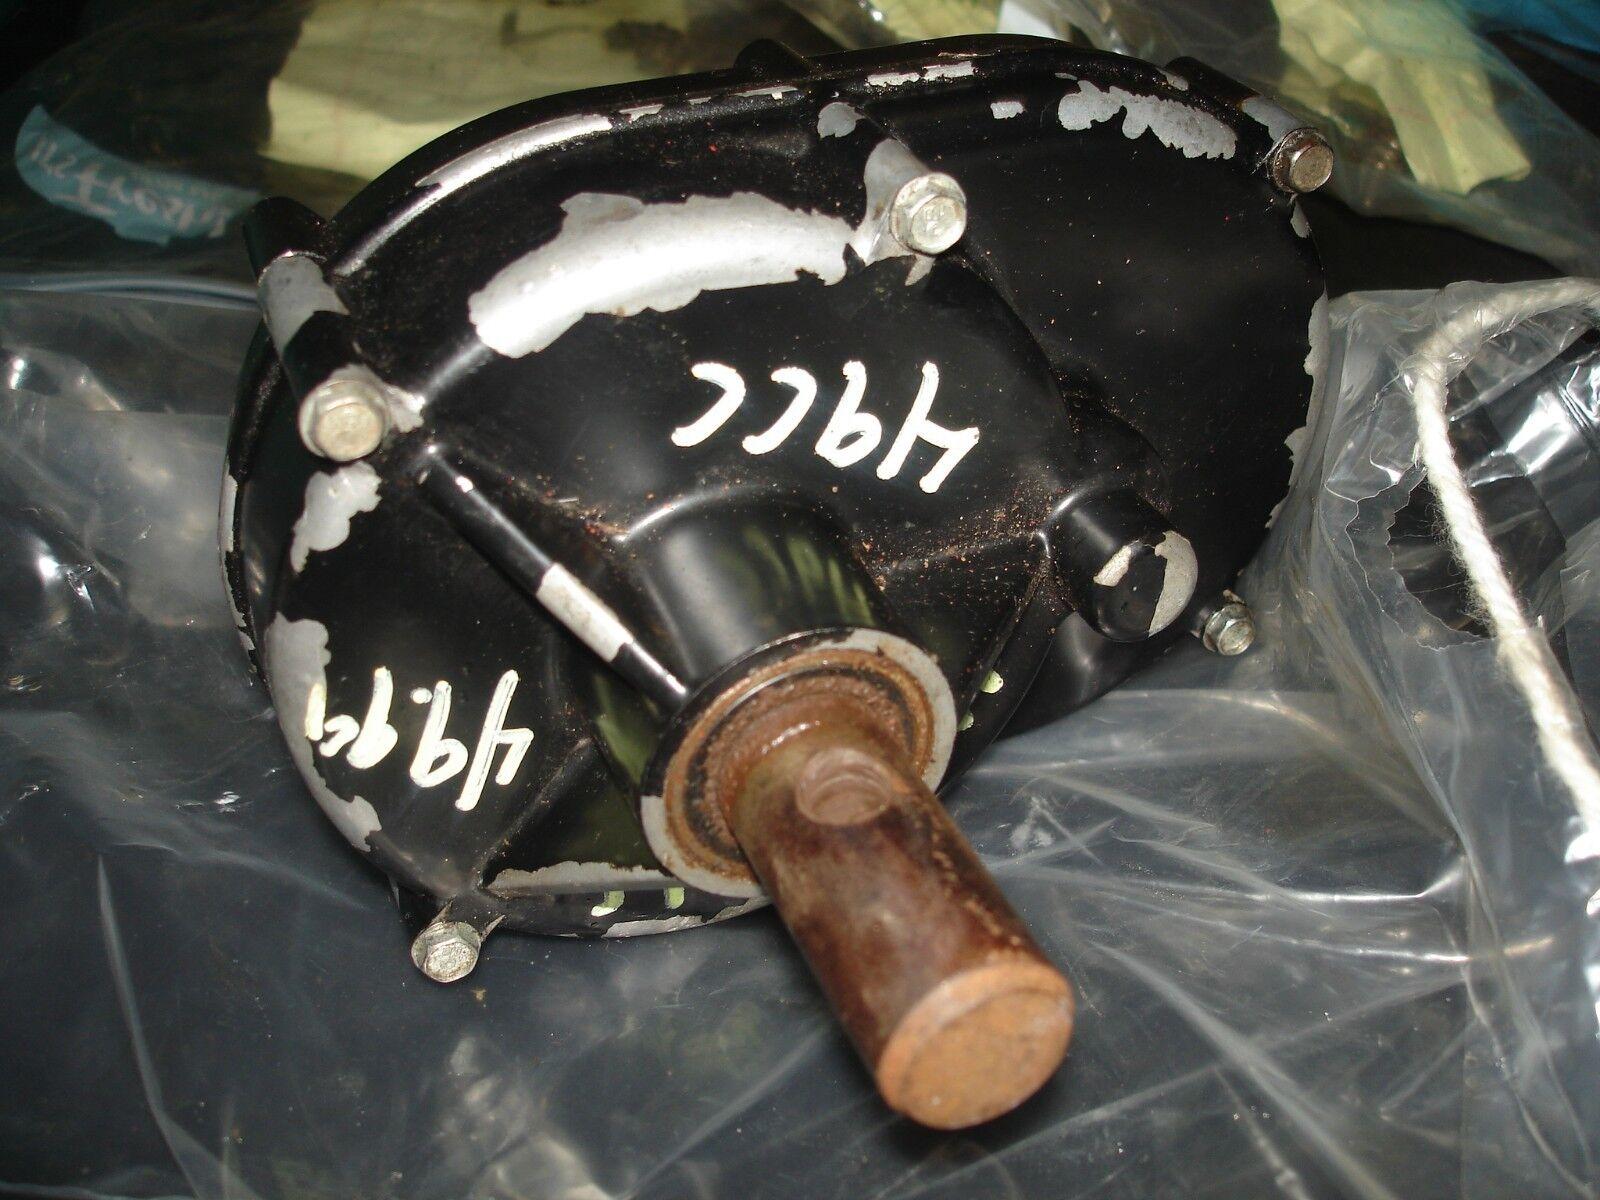 Strikemaster Magnum 3 plus gear box  ice auger part 49cc  bin 351